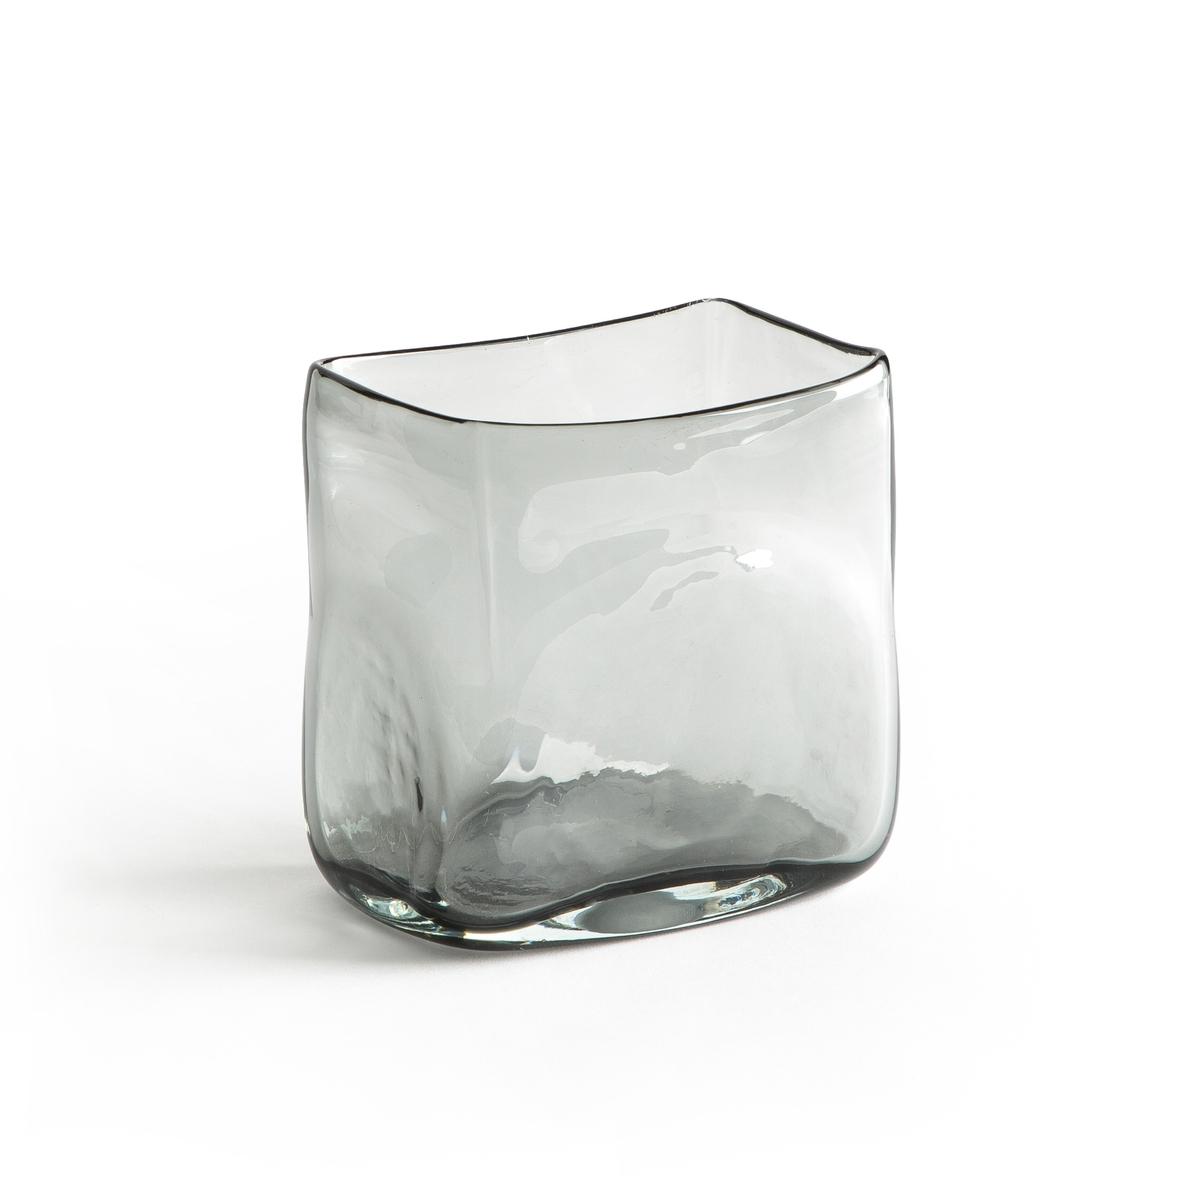 Ваза La Redoute В см Lavinia единый размер серый столик la redoute maden единый размер серый